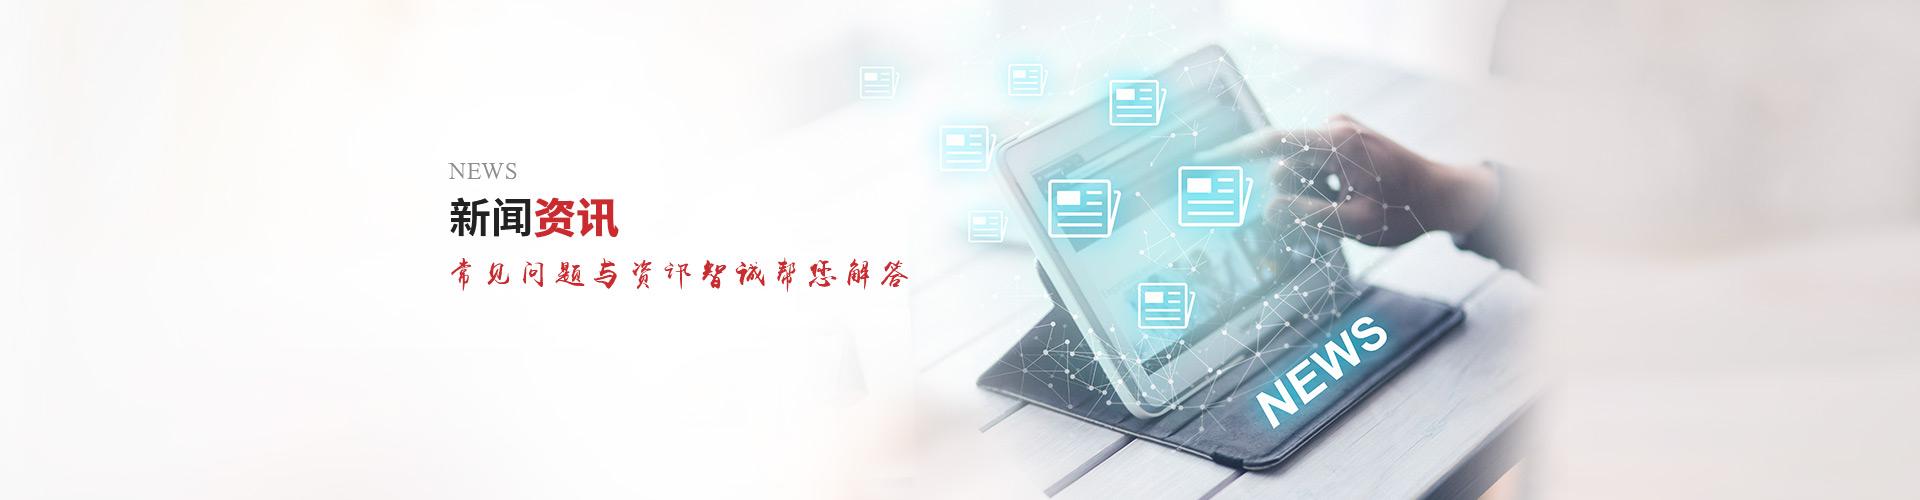 了解香港公司注册流程